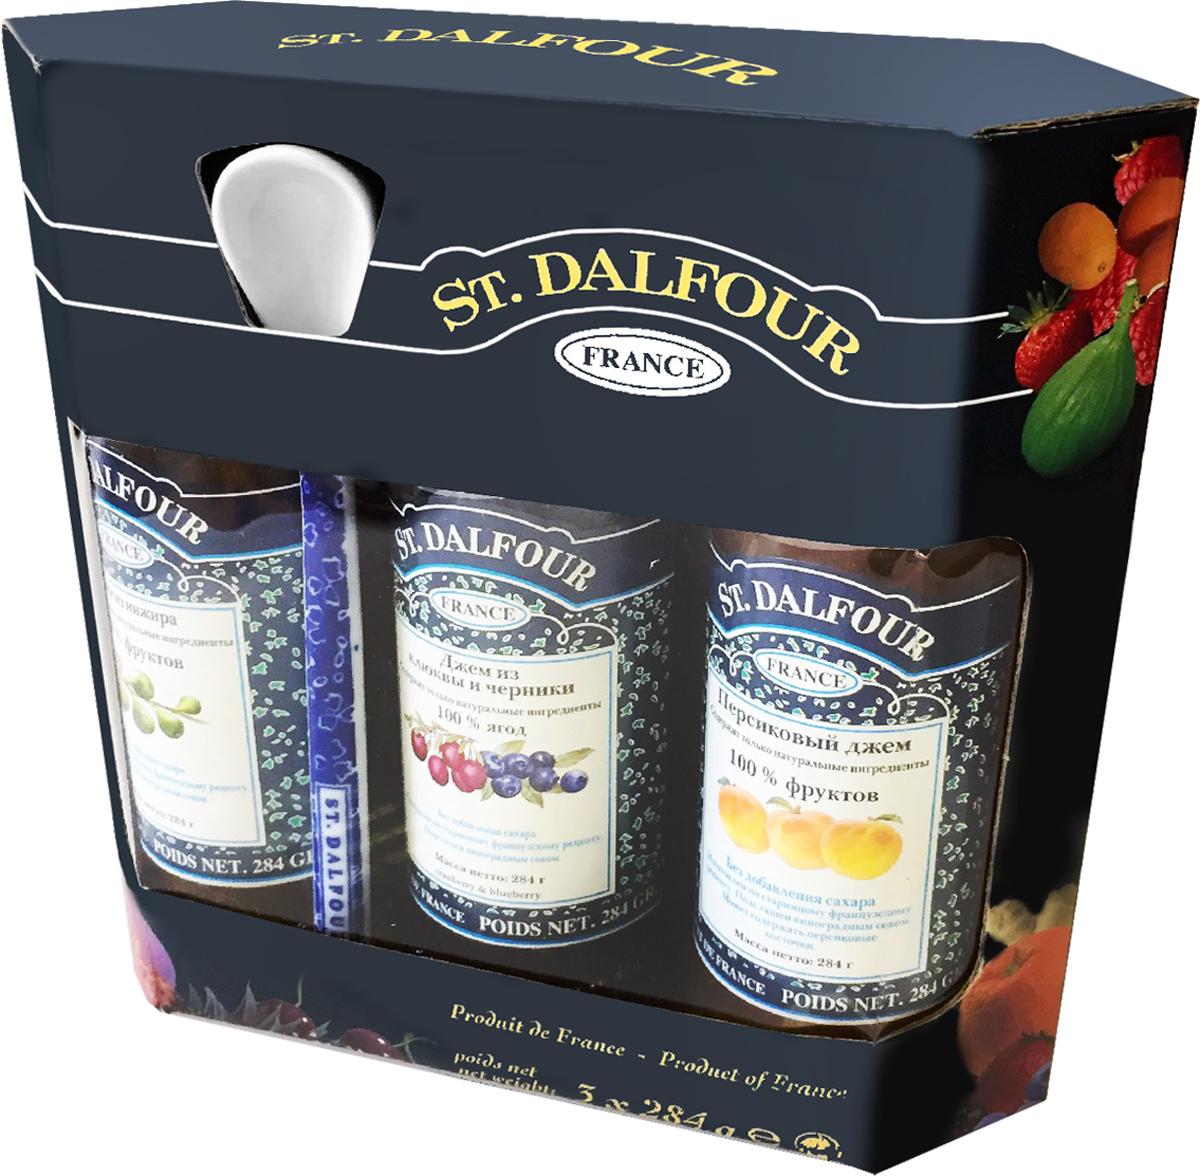 St. Dalfour подарочный набор 3 джема инжир, персик, клюква и черника, 852 г